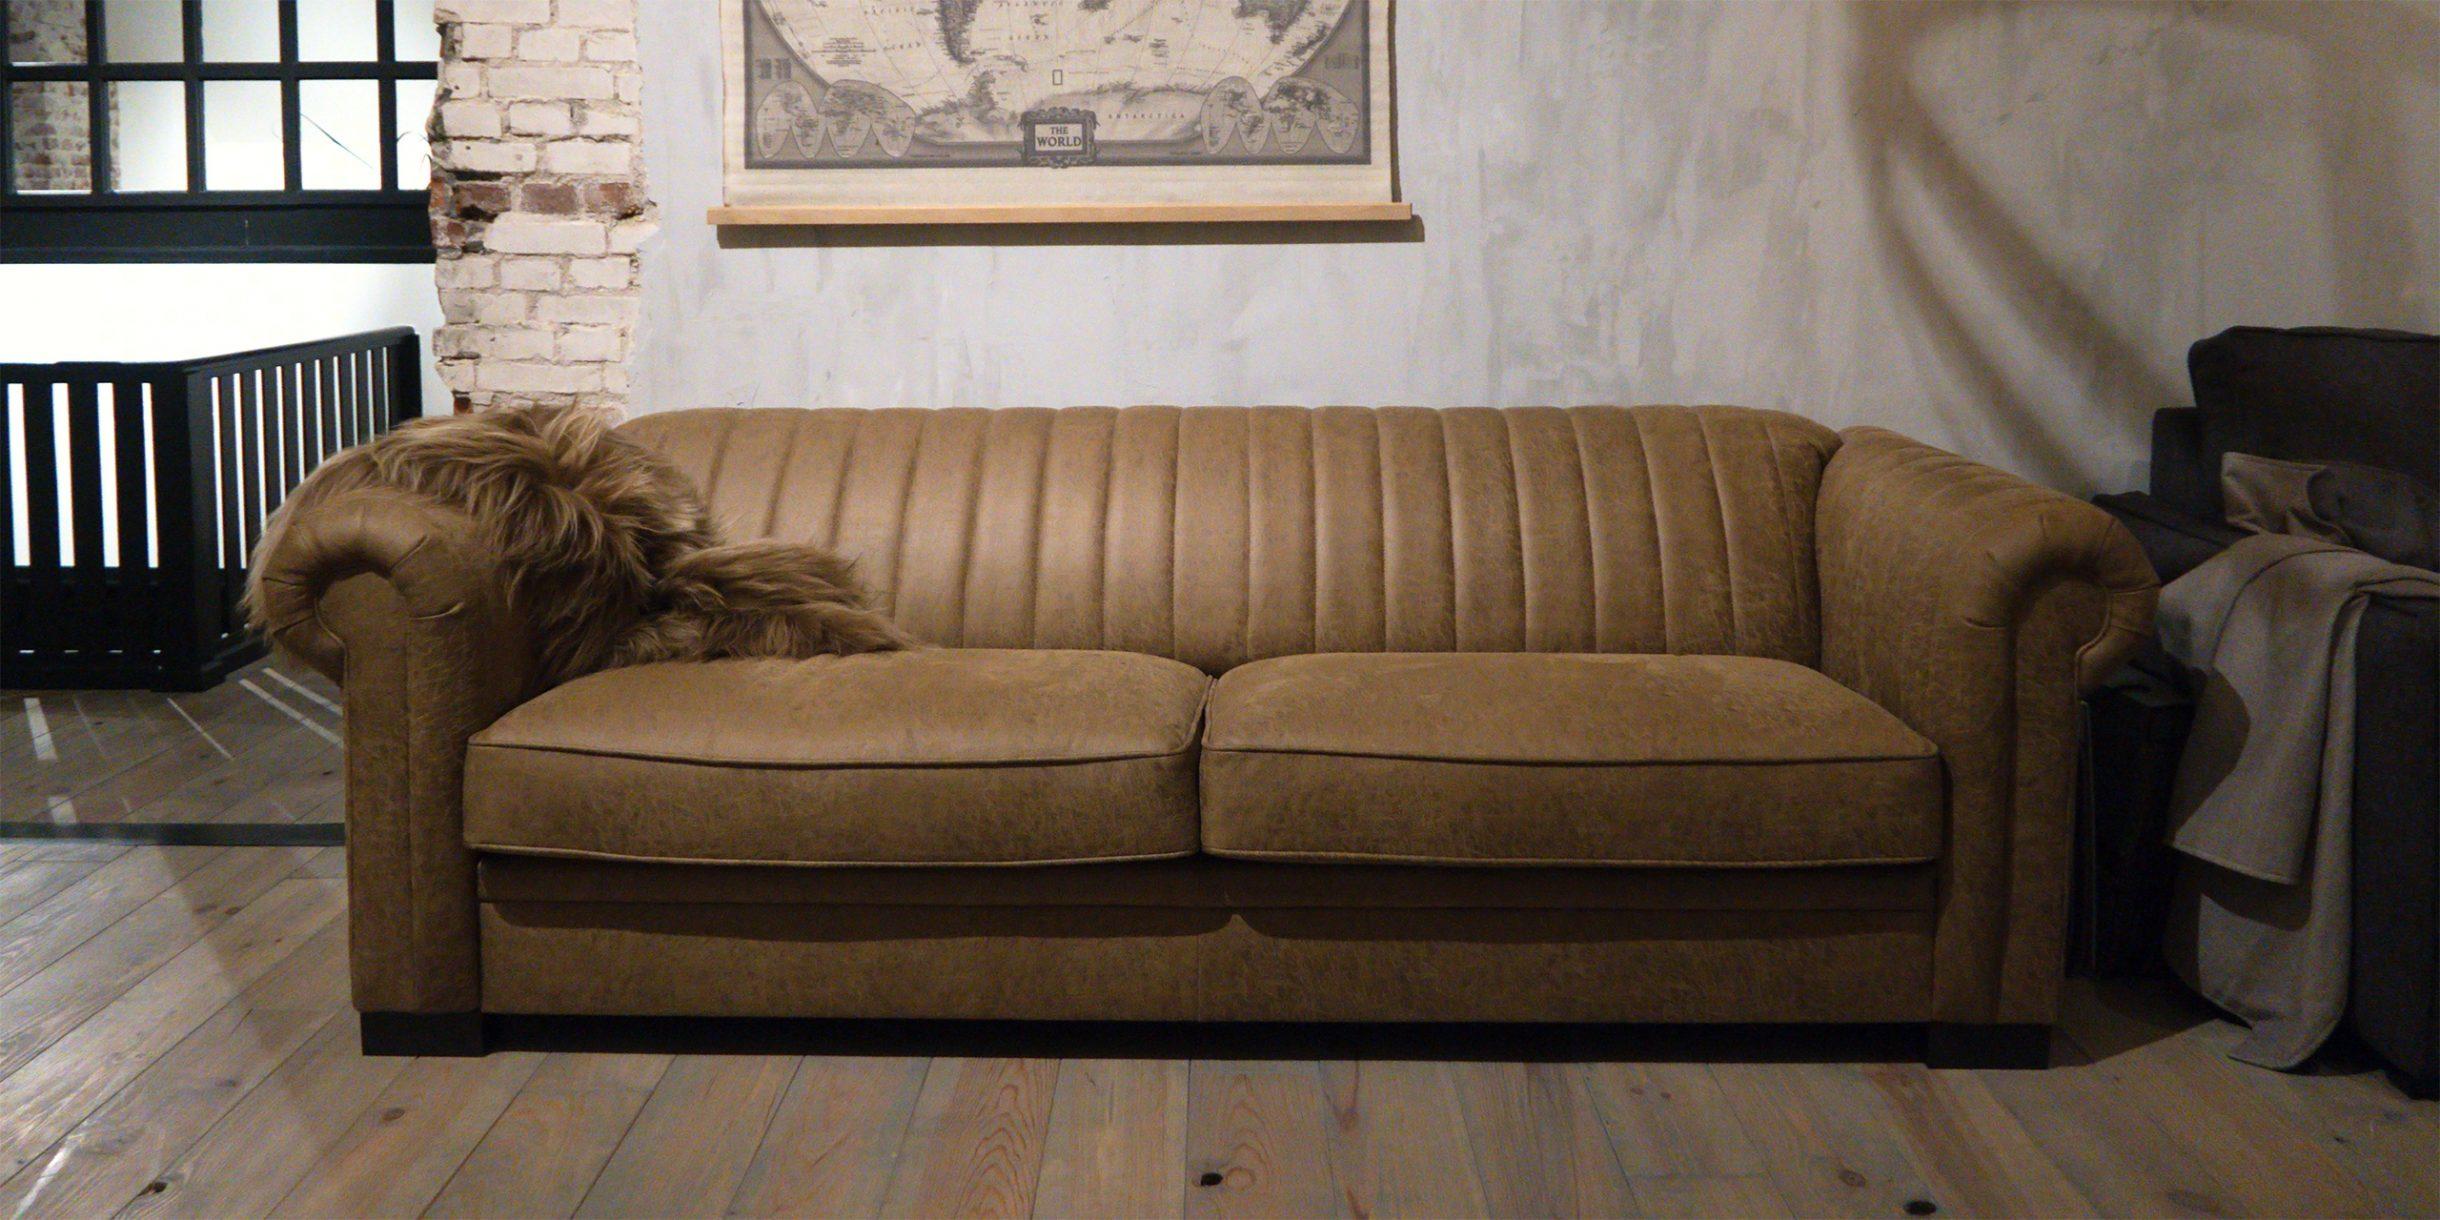 UrbanSofa-Brisbane-sofa-leder